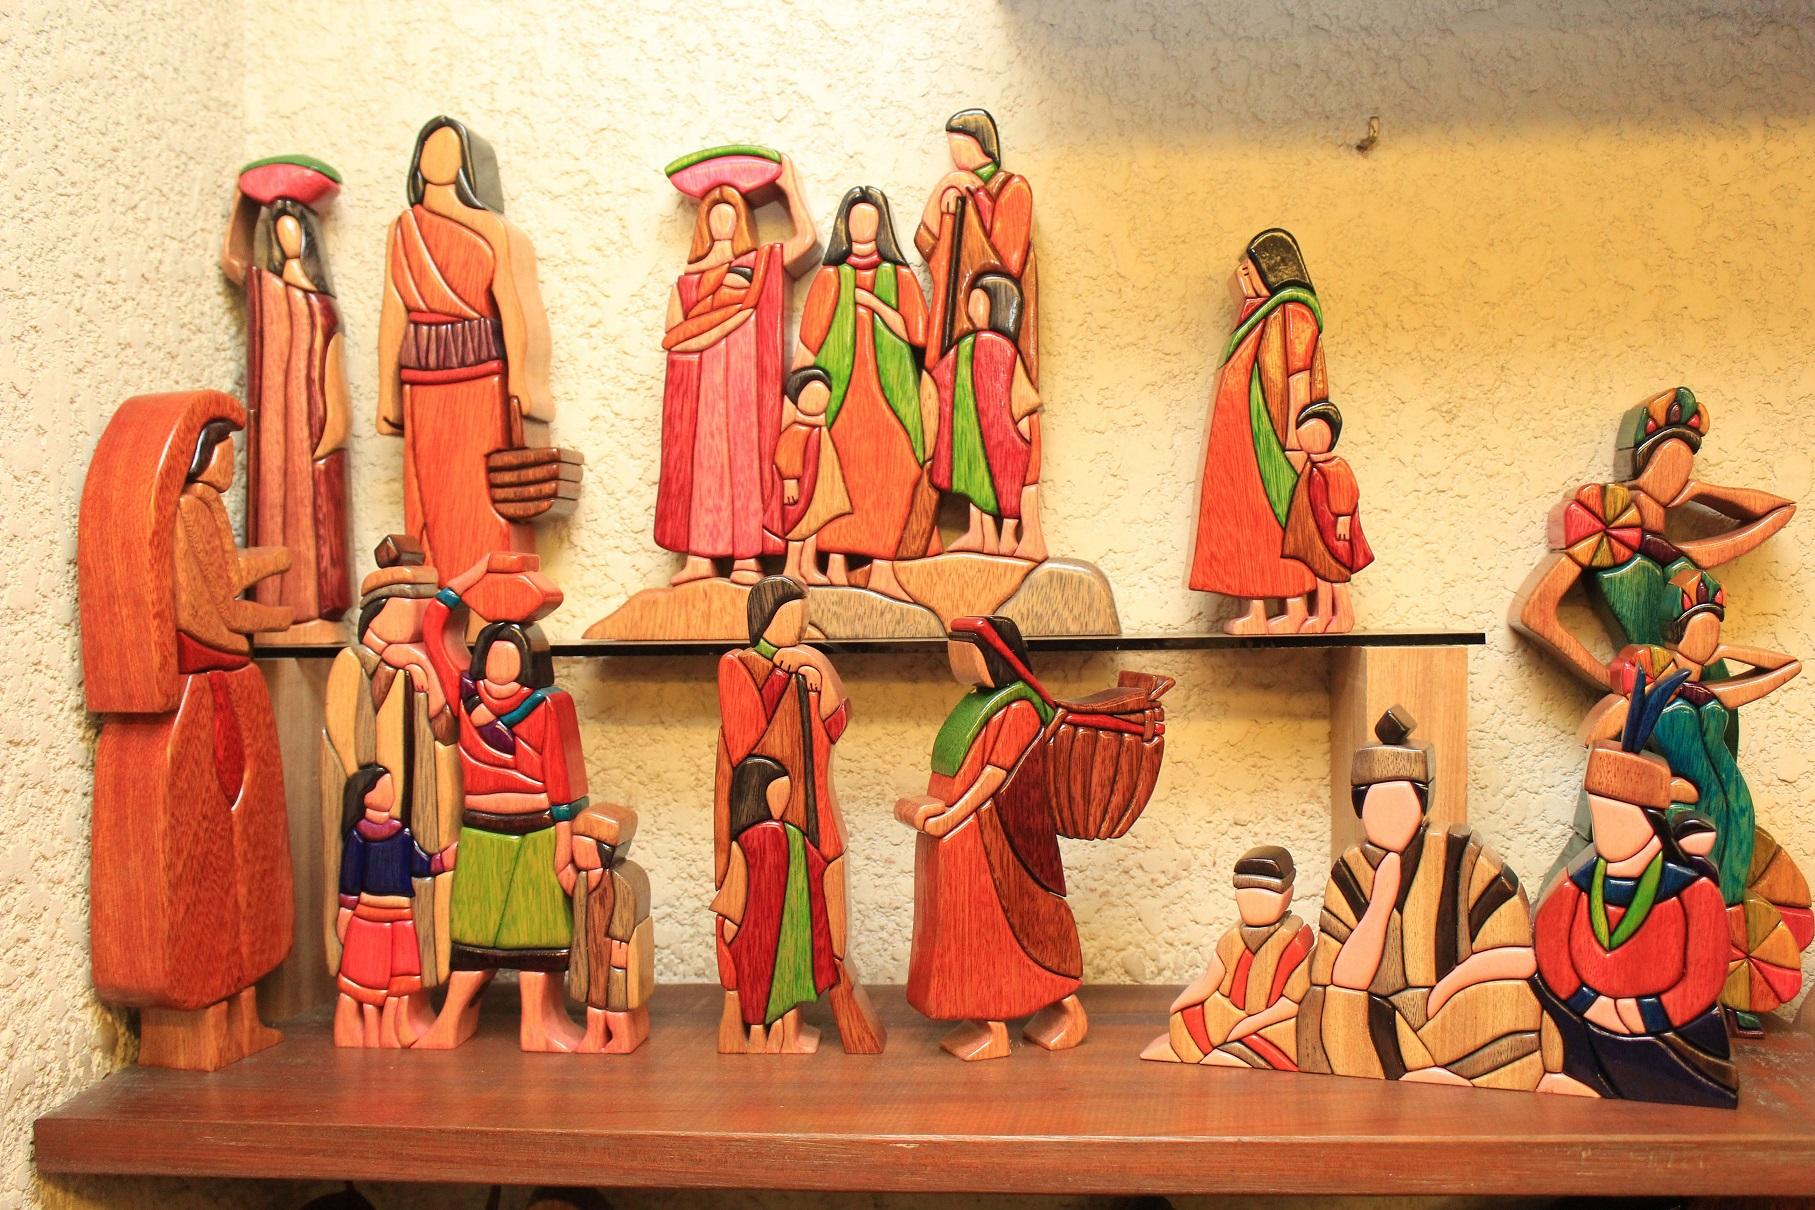 COVID-19: Cae exportación de artesanía